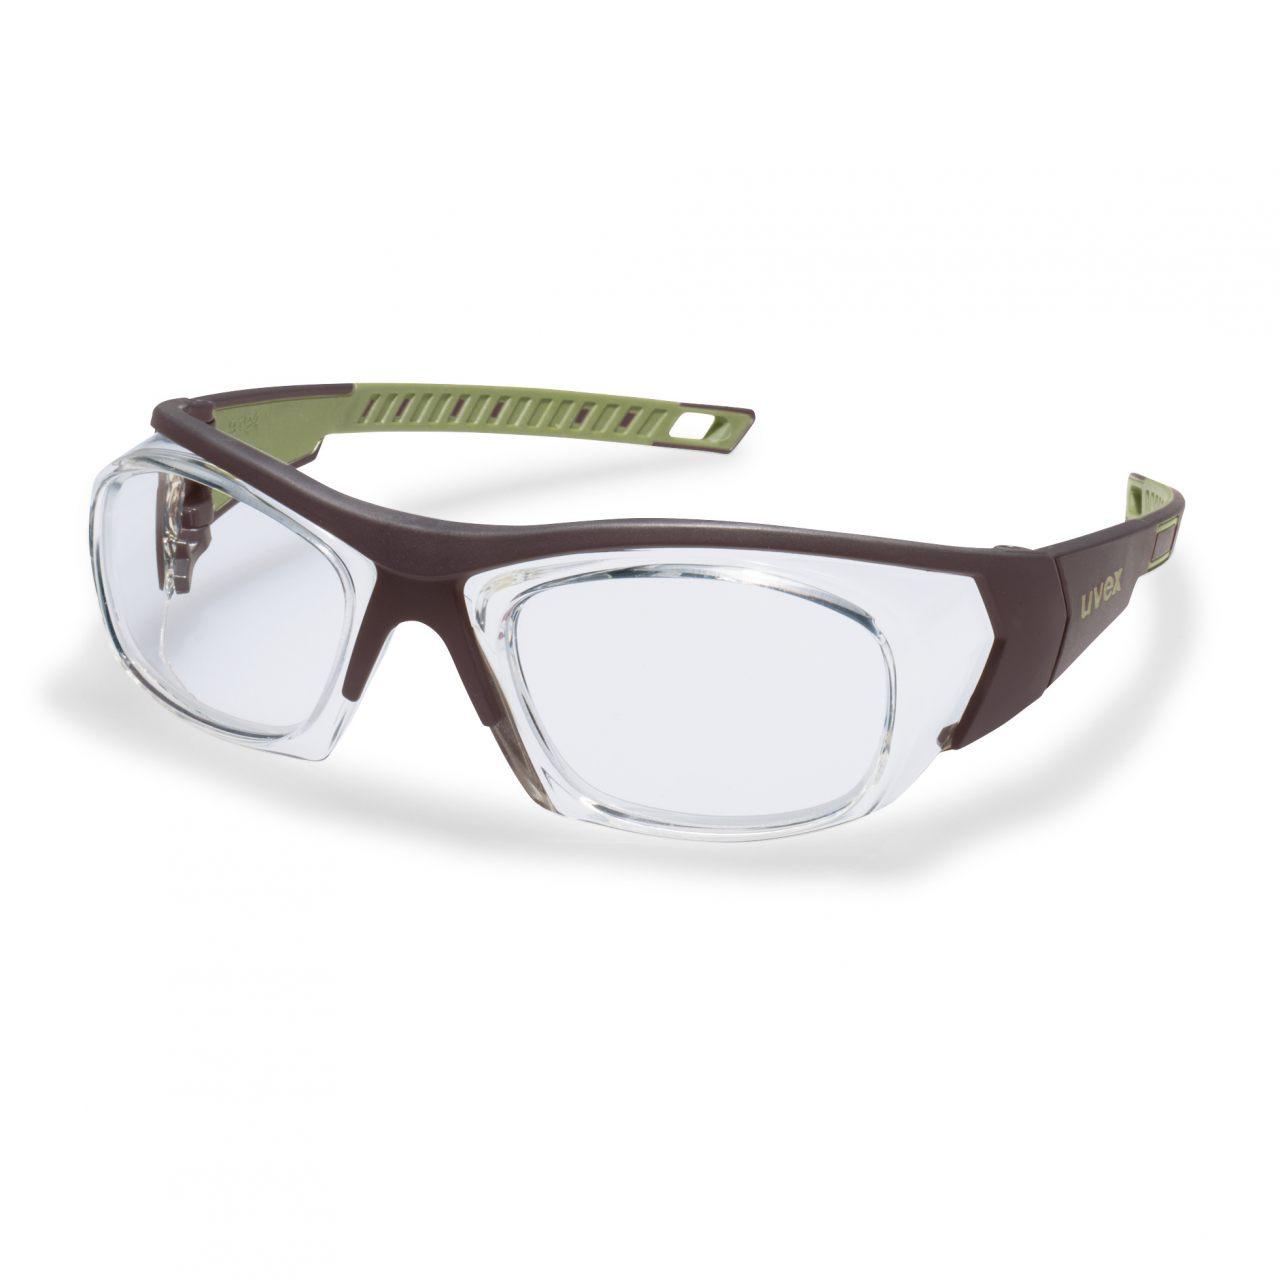 korrektionsschutzbrille uvex rx cd 5518 individuelle psa uvex safety. Black Bedroom Furniture Sets. Home Design Ideas